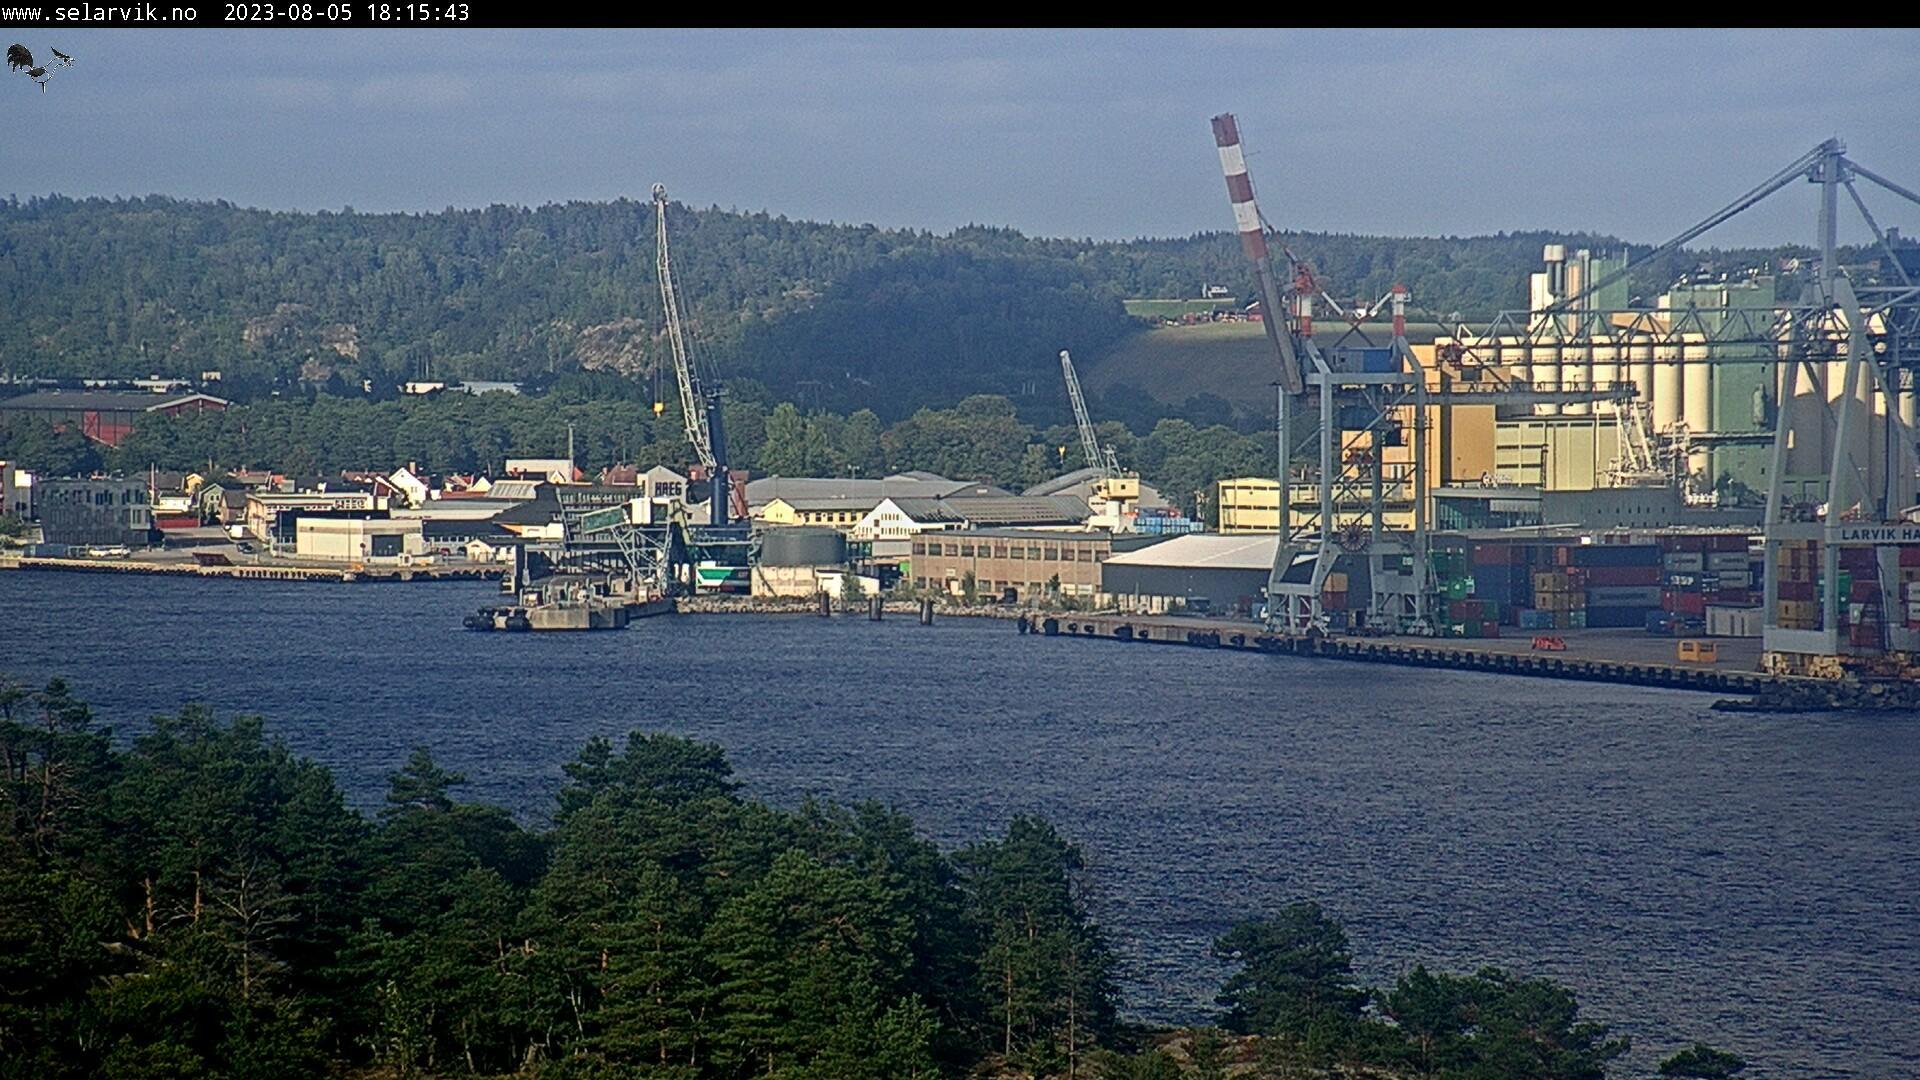 Webcam Fredenshavn bru: Larvik havn